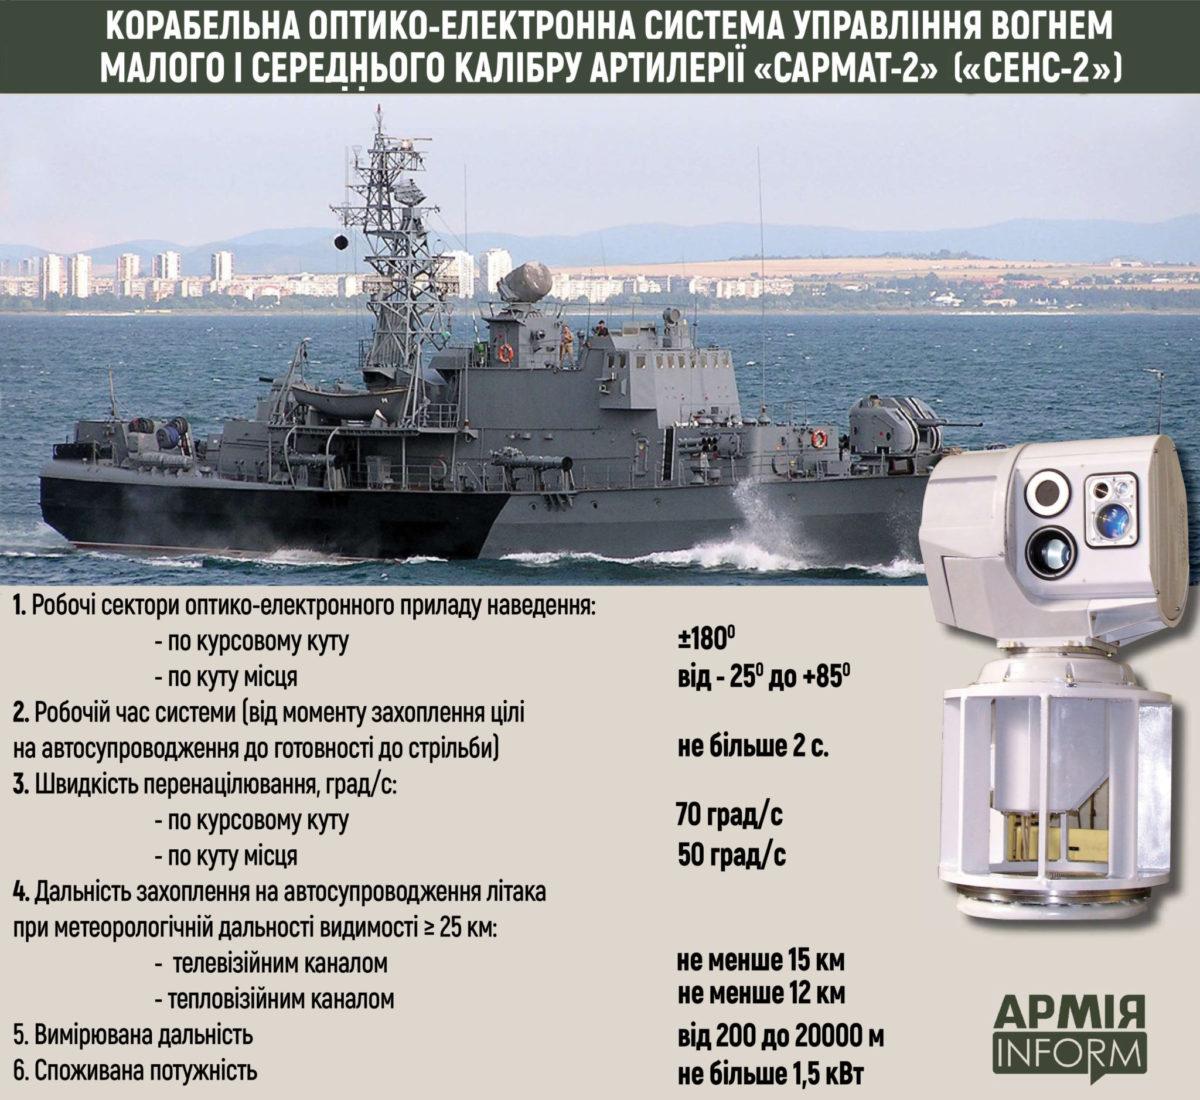 Який «Сенс» у системах керування вогнем корабельної артилерії